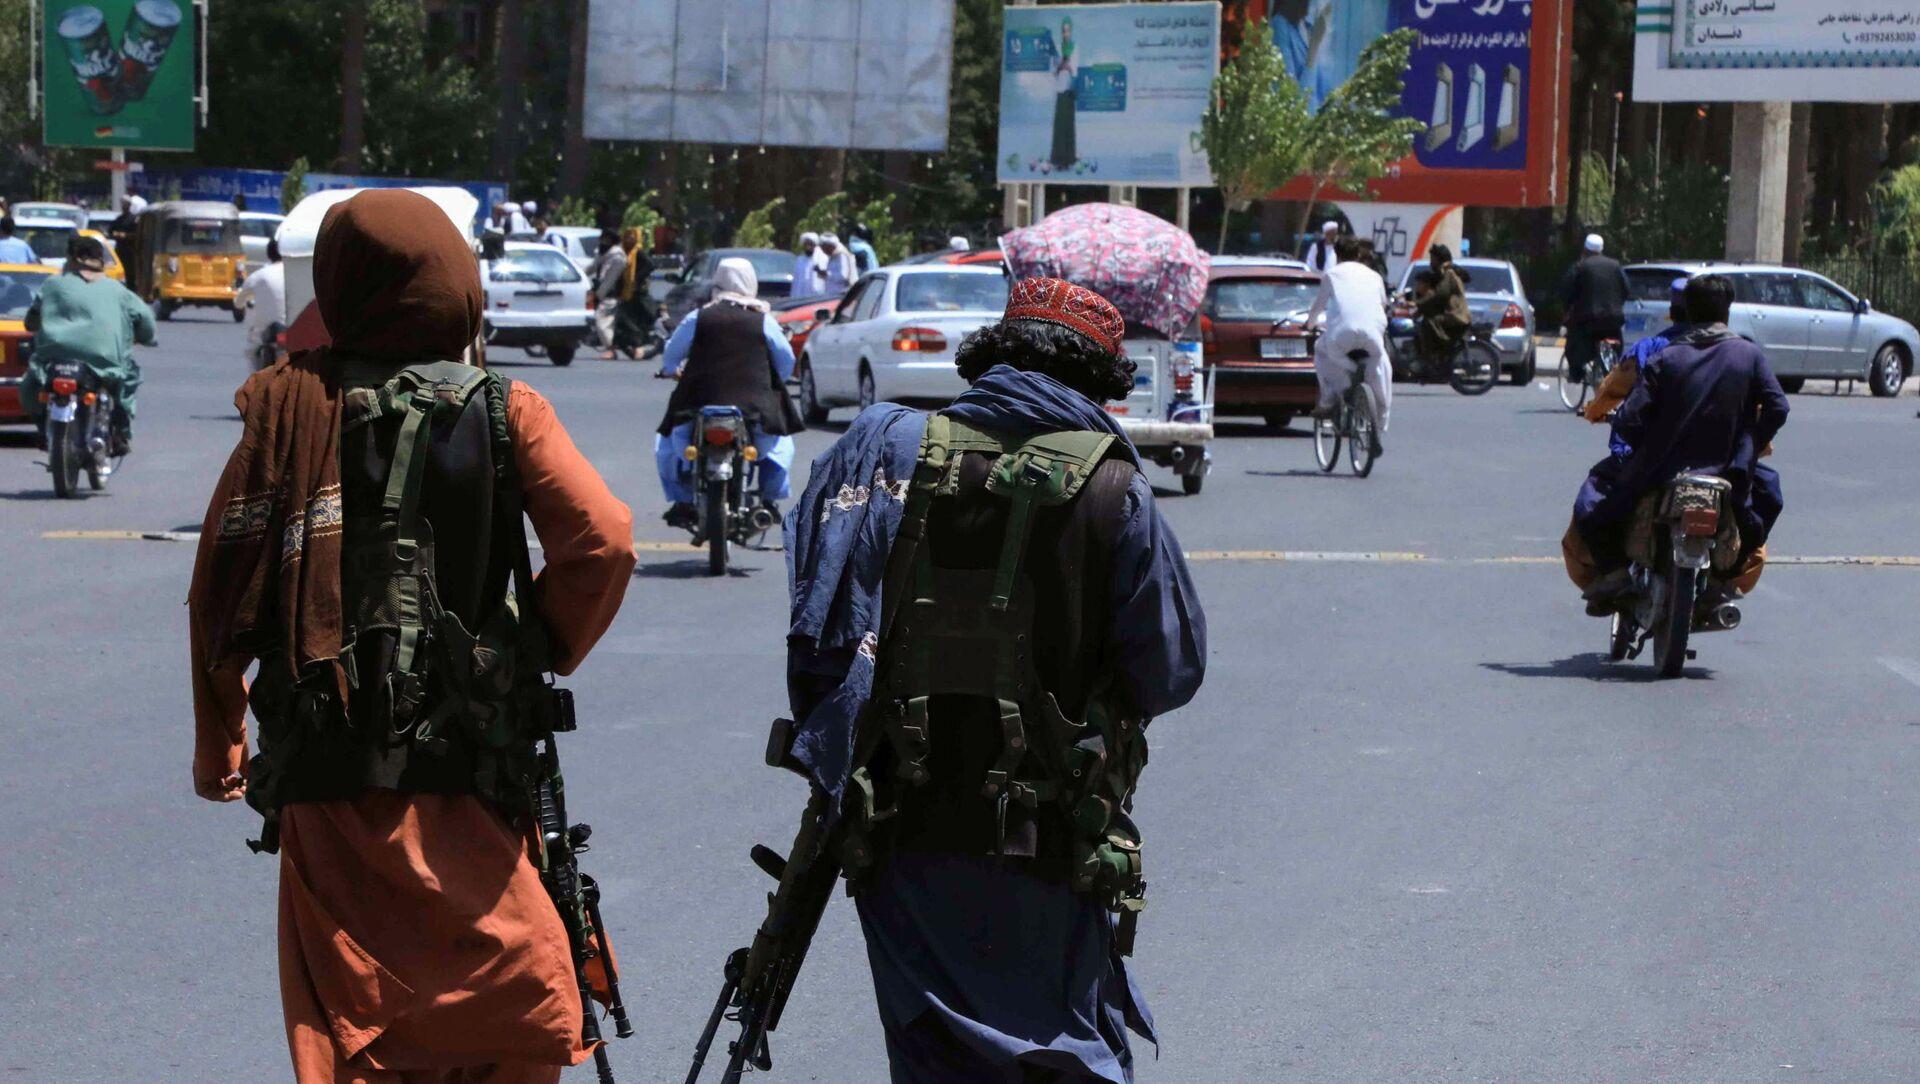 Quân lính Taliban* tuần tra trên đường phố ở Herat, Afghanistan - Sputnik Việt Nam, 1920, 16.08.2021